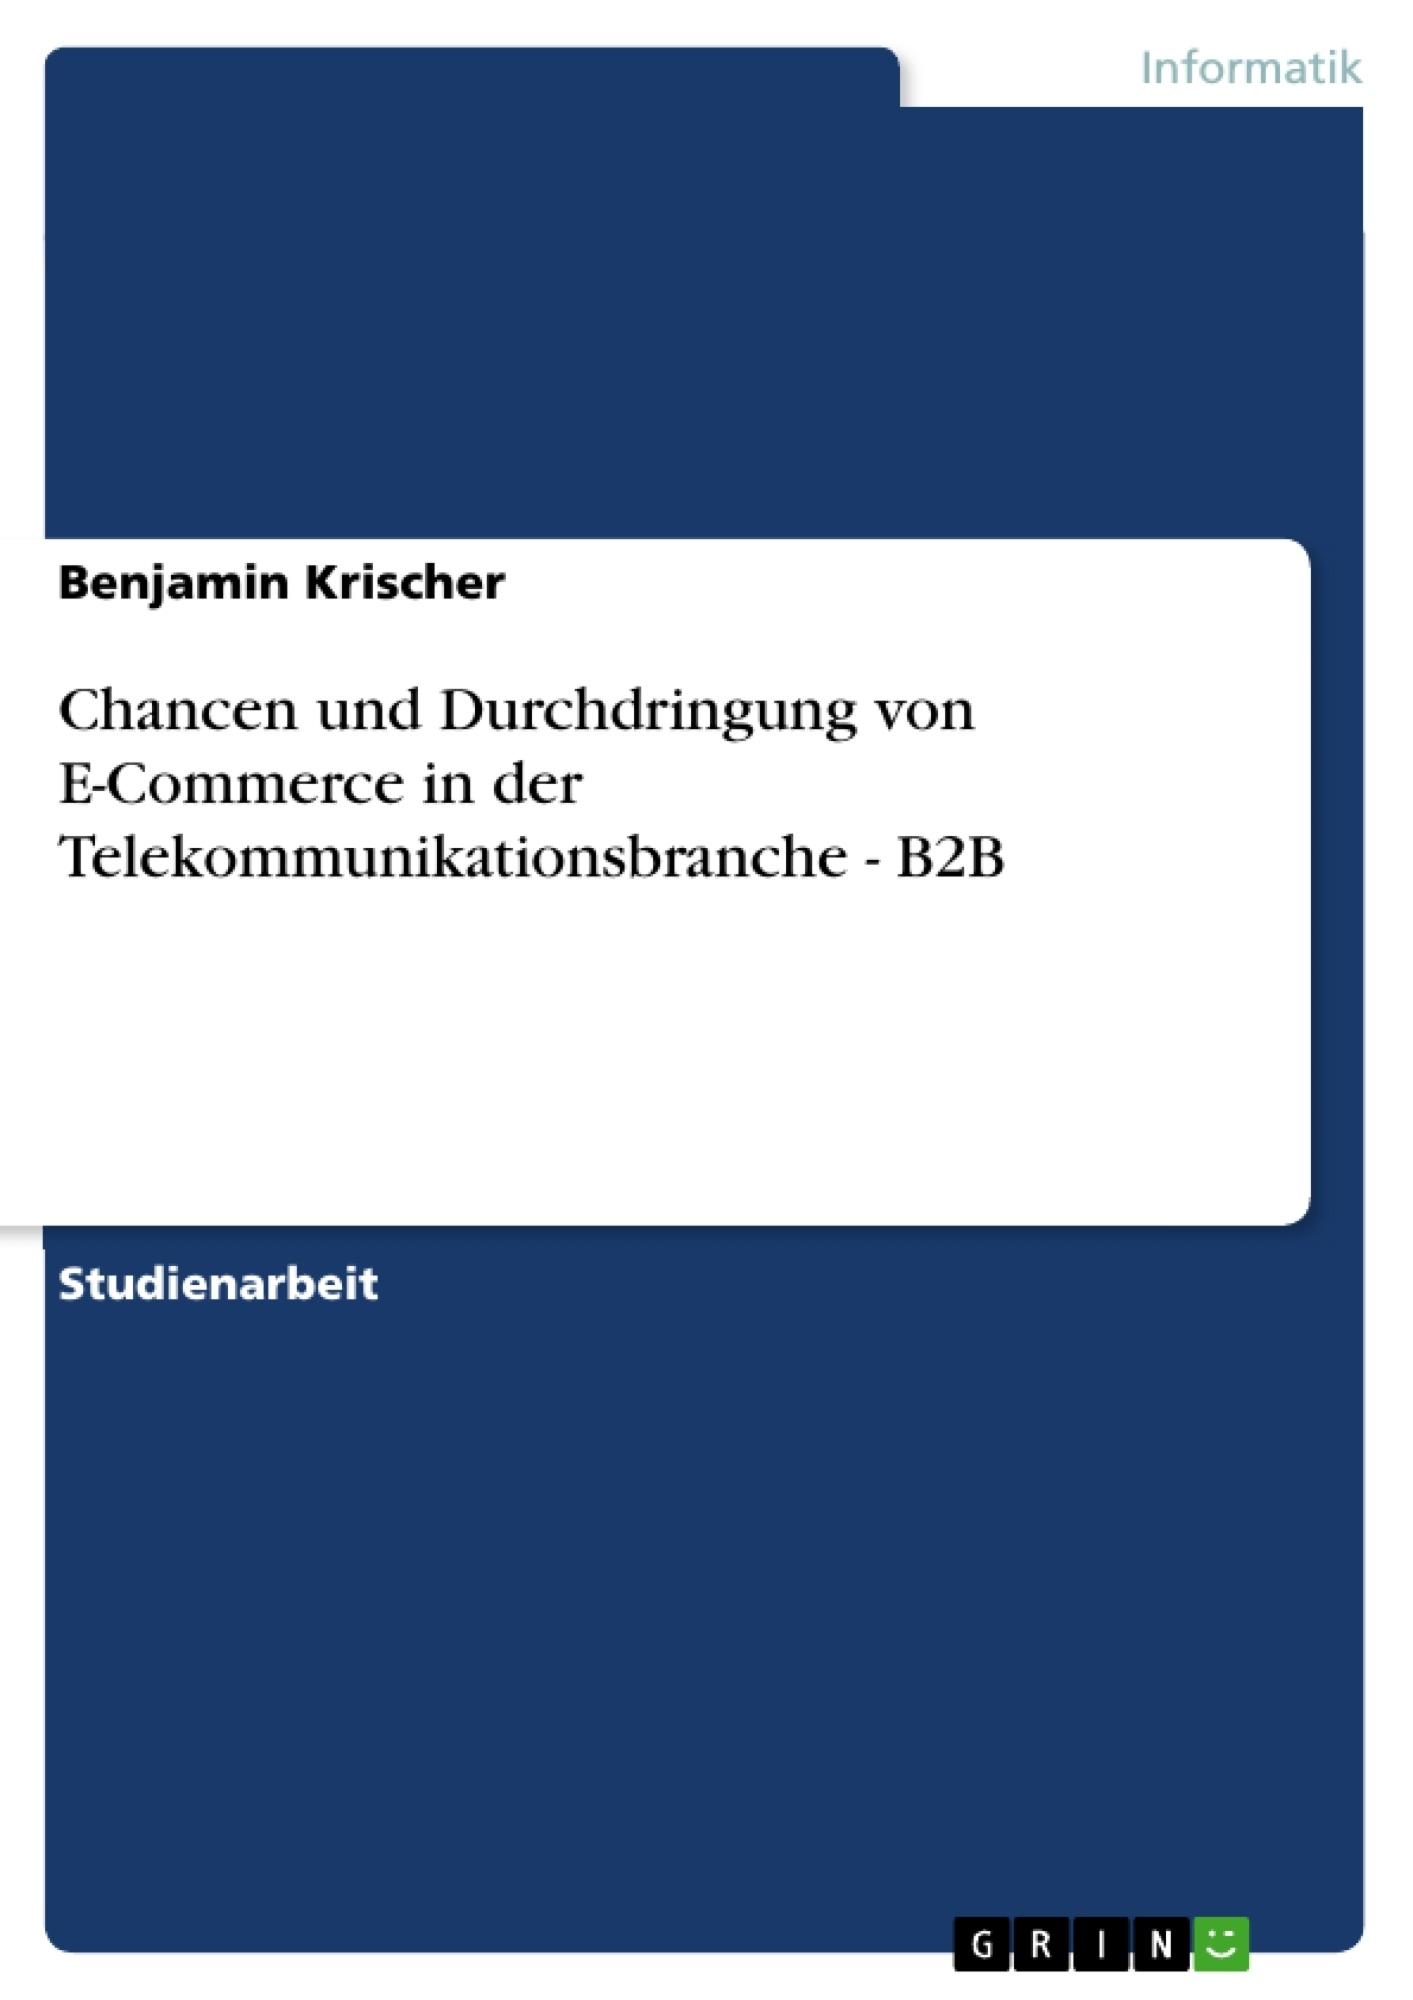 Titel: Chancen und Durchdringung von E-Commerce in der Telekommunikationsbranche - B2B